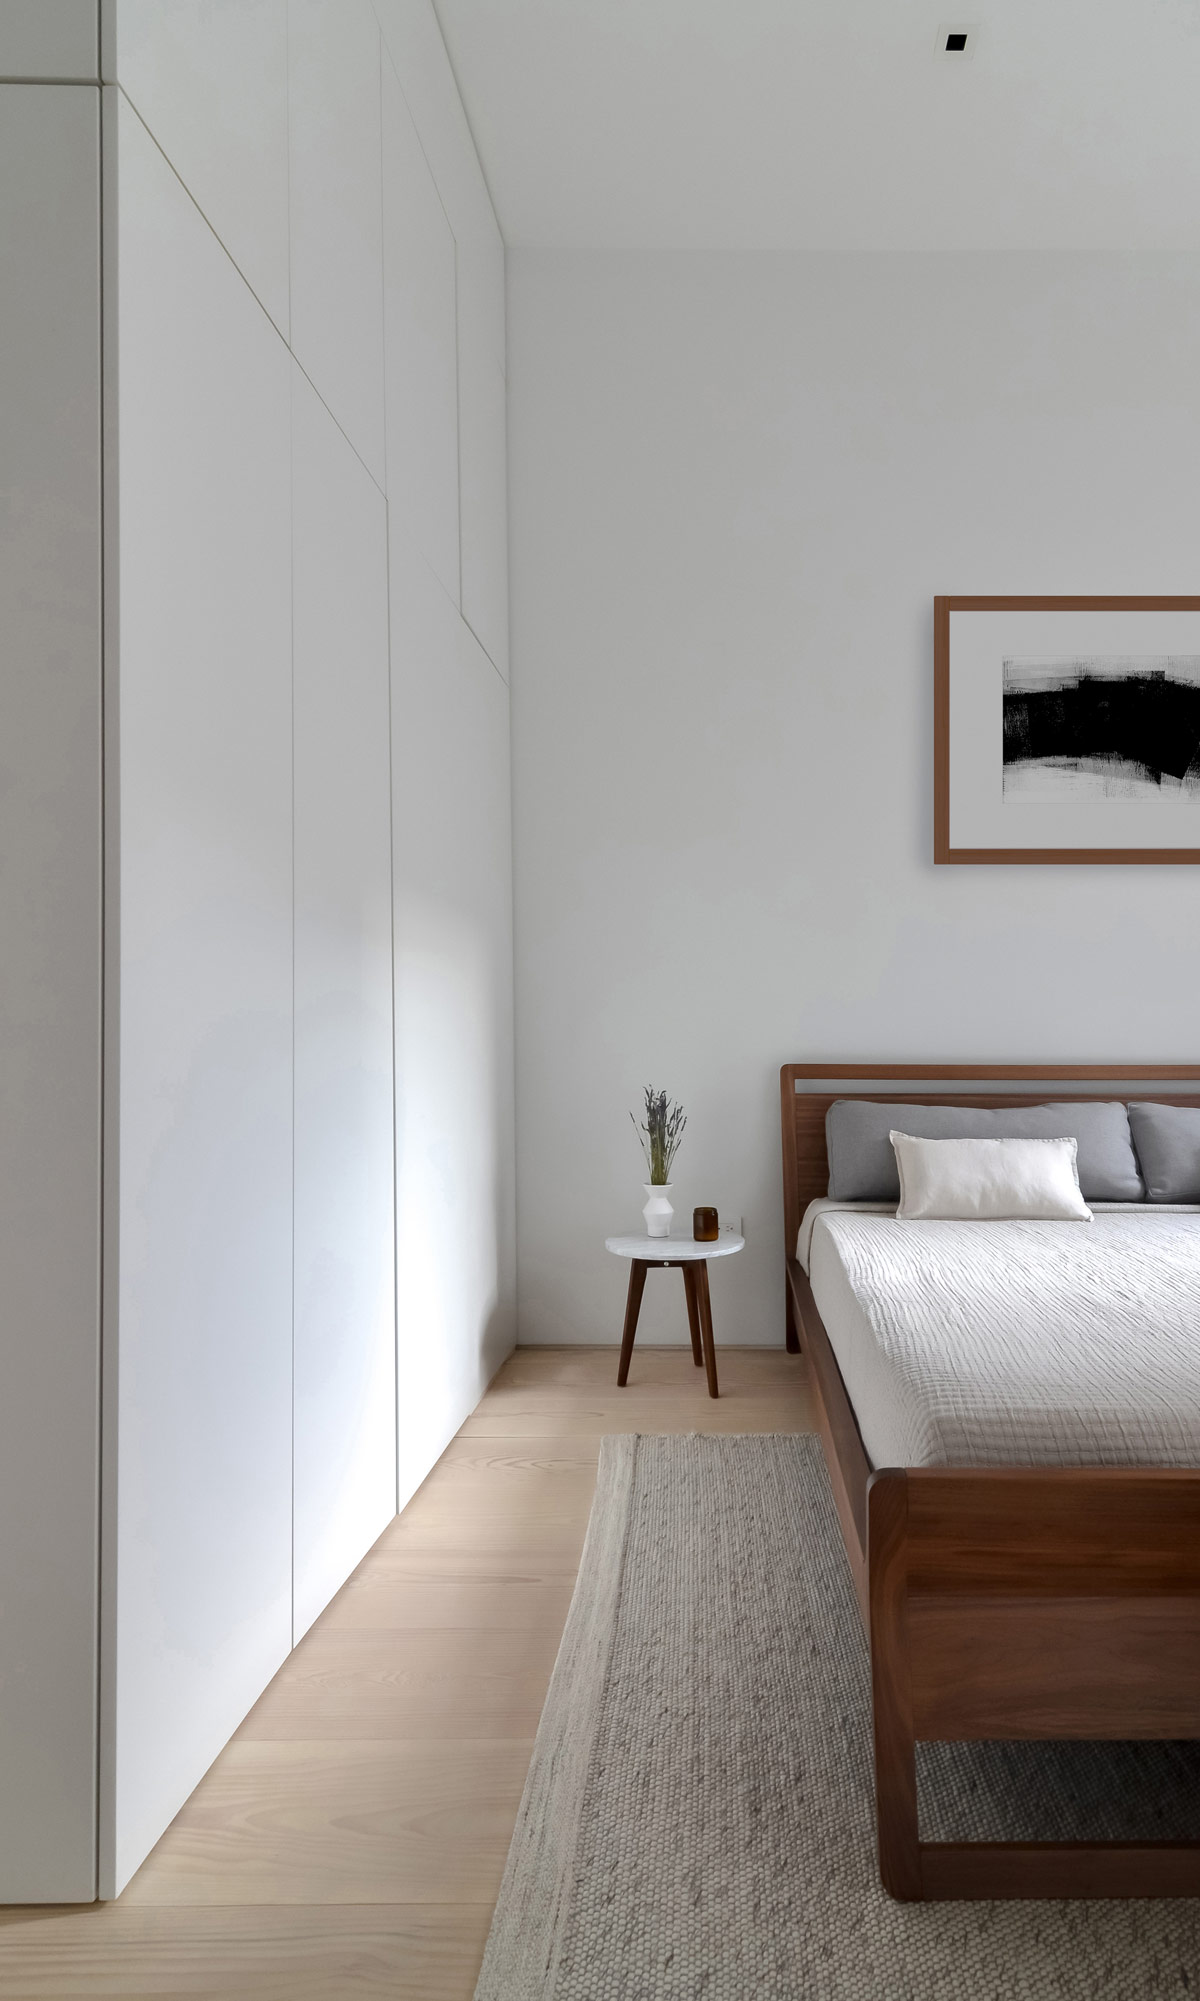 """Dành cho ai có cuộc sống xô bồ, bận rộn: Một không gian sống kết hợp từ bộ đôi """"Scandinavia và sự tối giản của người Nhật"""" sẽ khiến bạn phải vỗ tay hài lòng - Ảnh 12."""